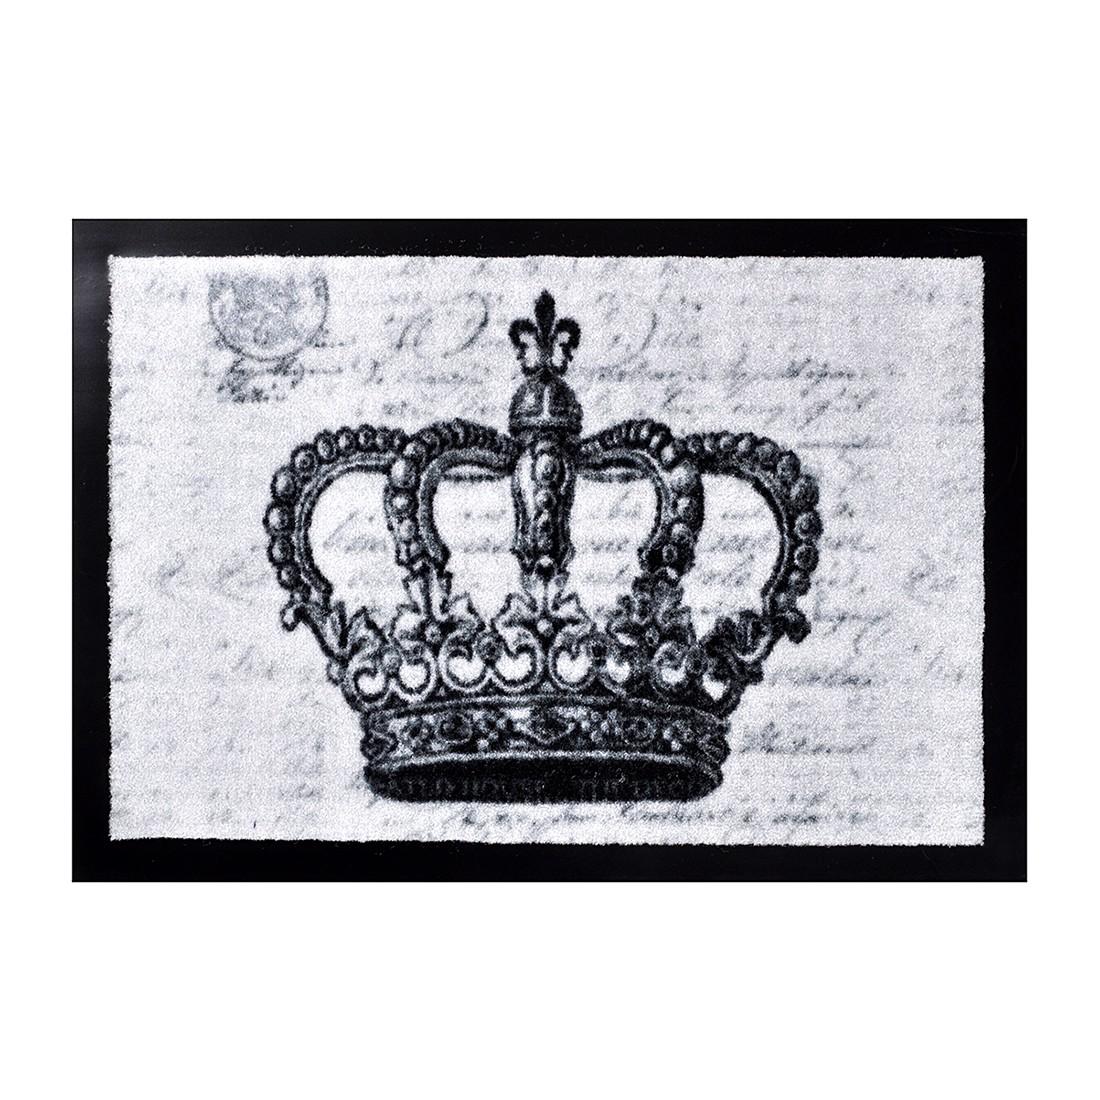 Fußmatte Printy Crown - Grau - 40 x 60 cm, Hanse Home Collection